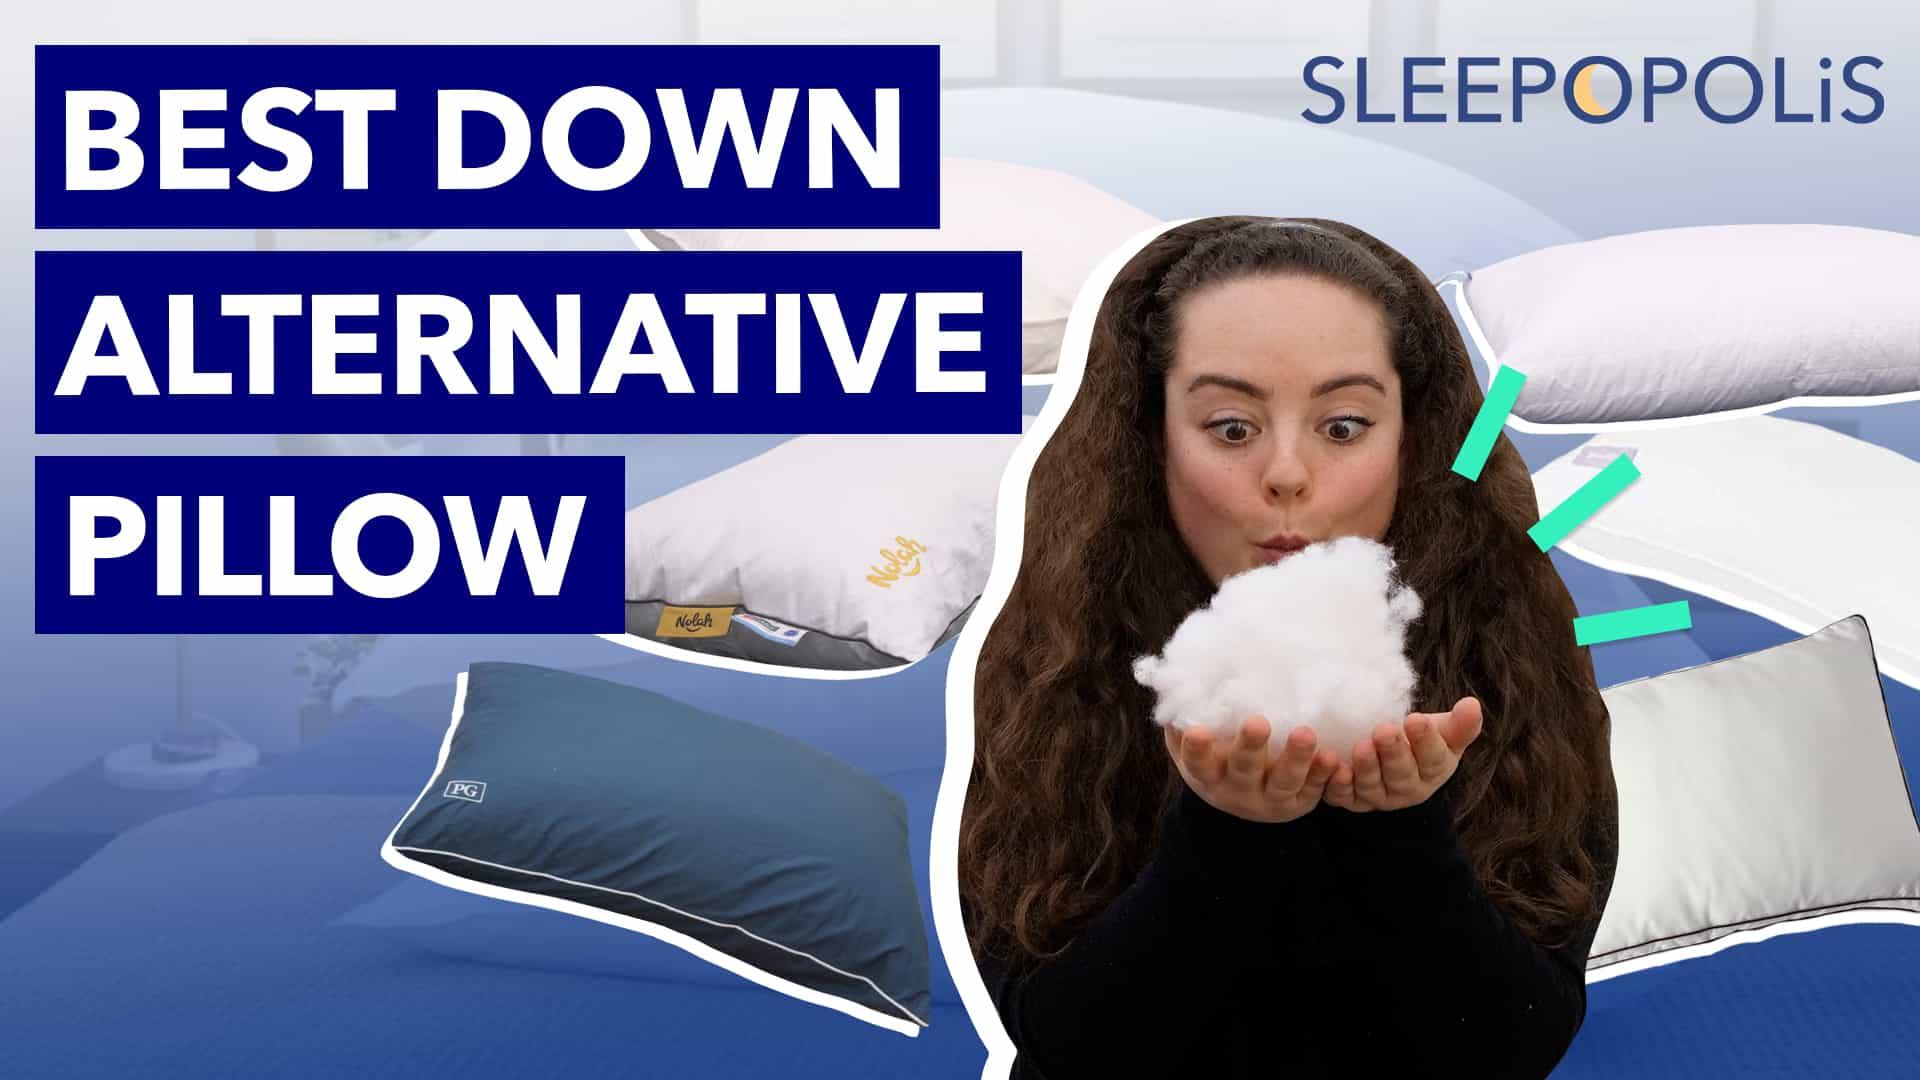 best down alternative pillows 2021